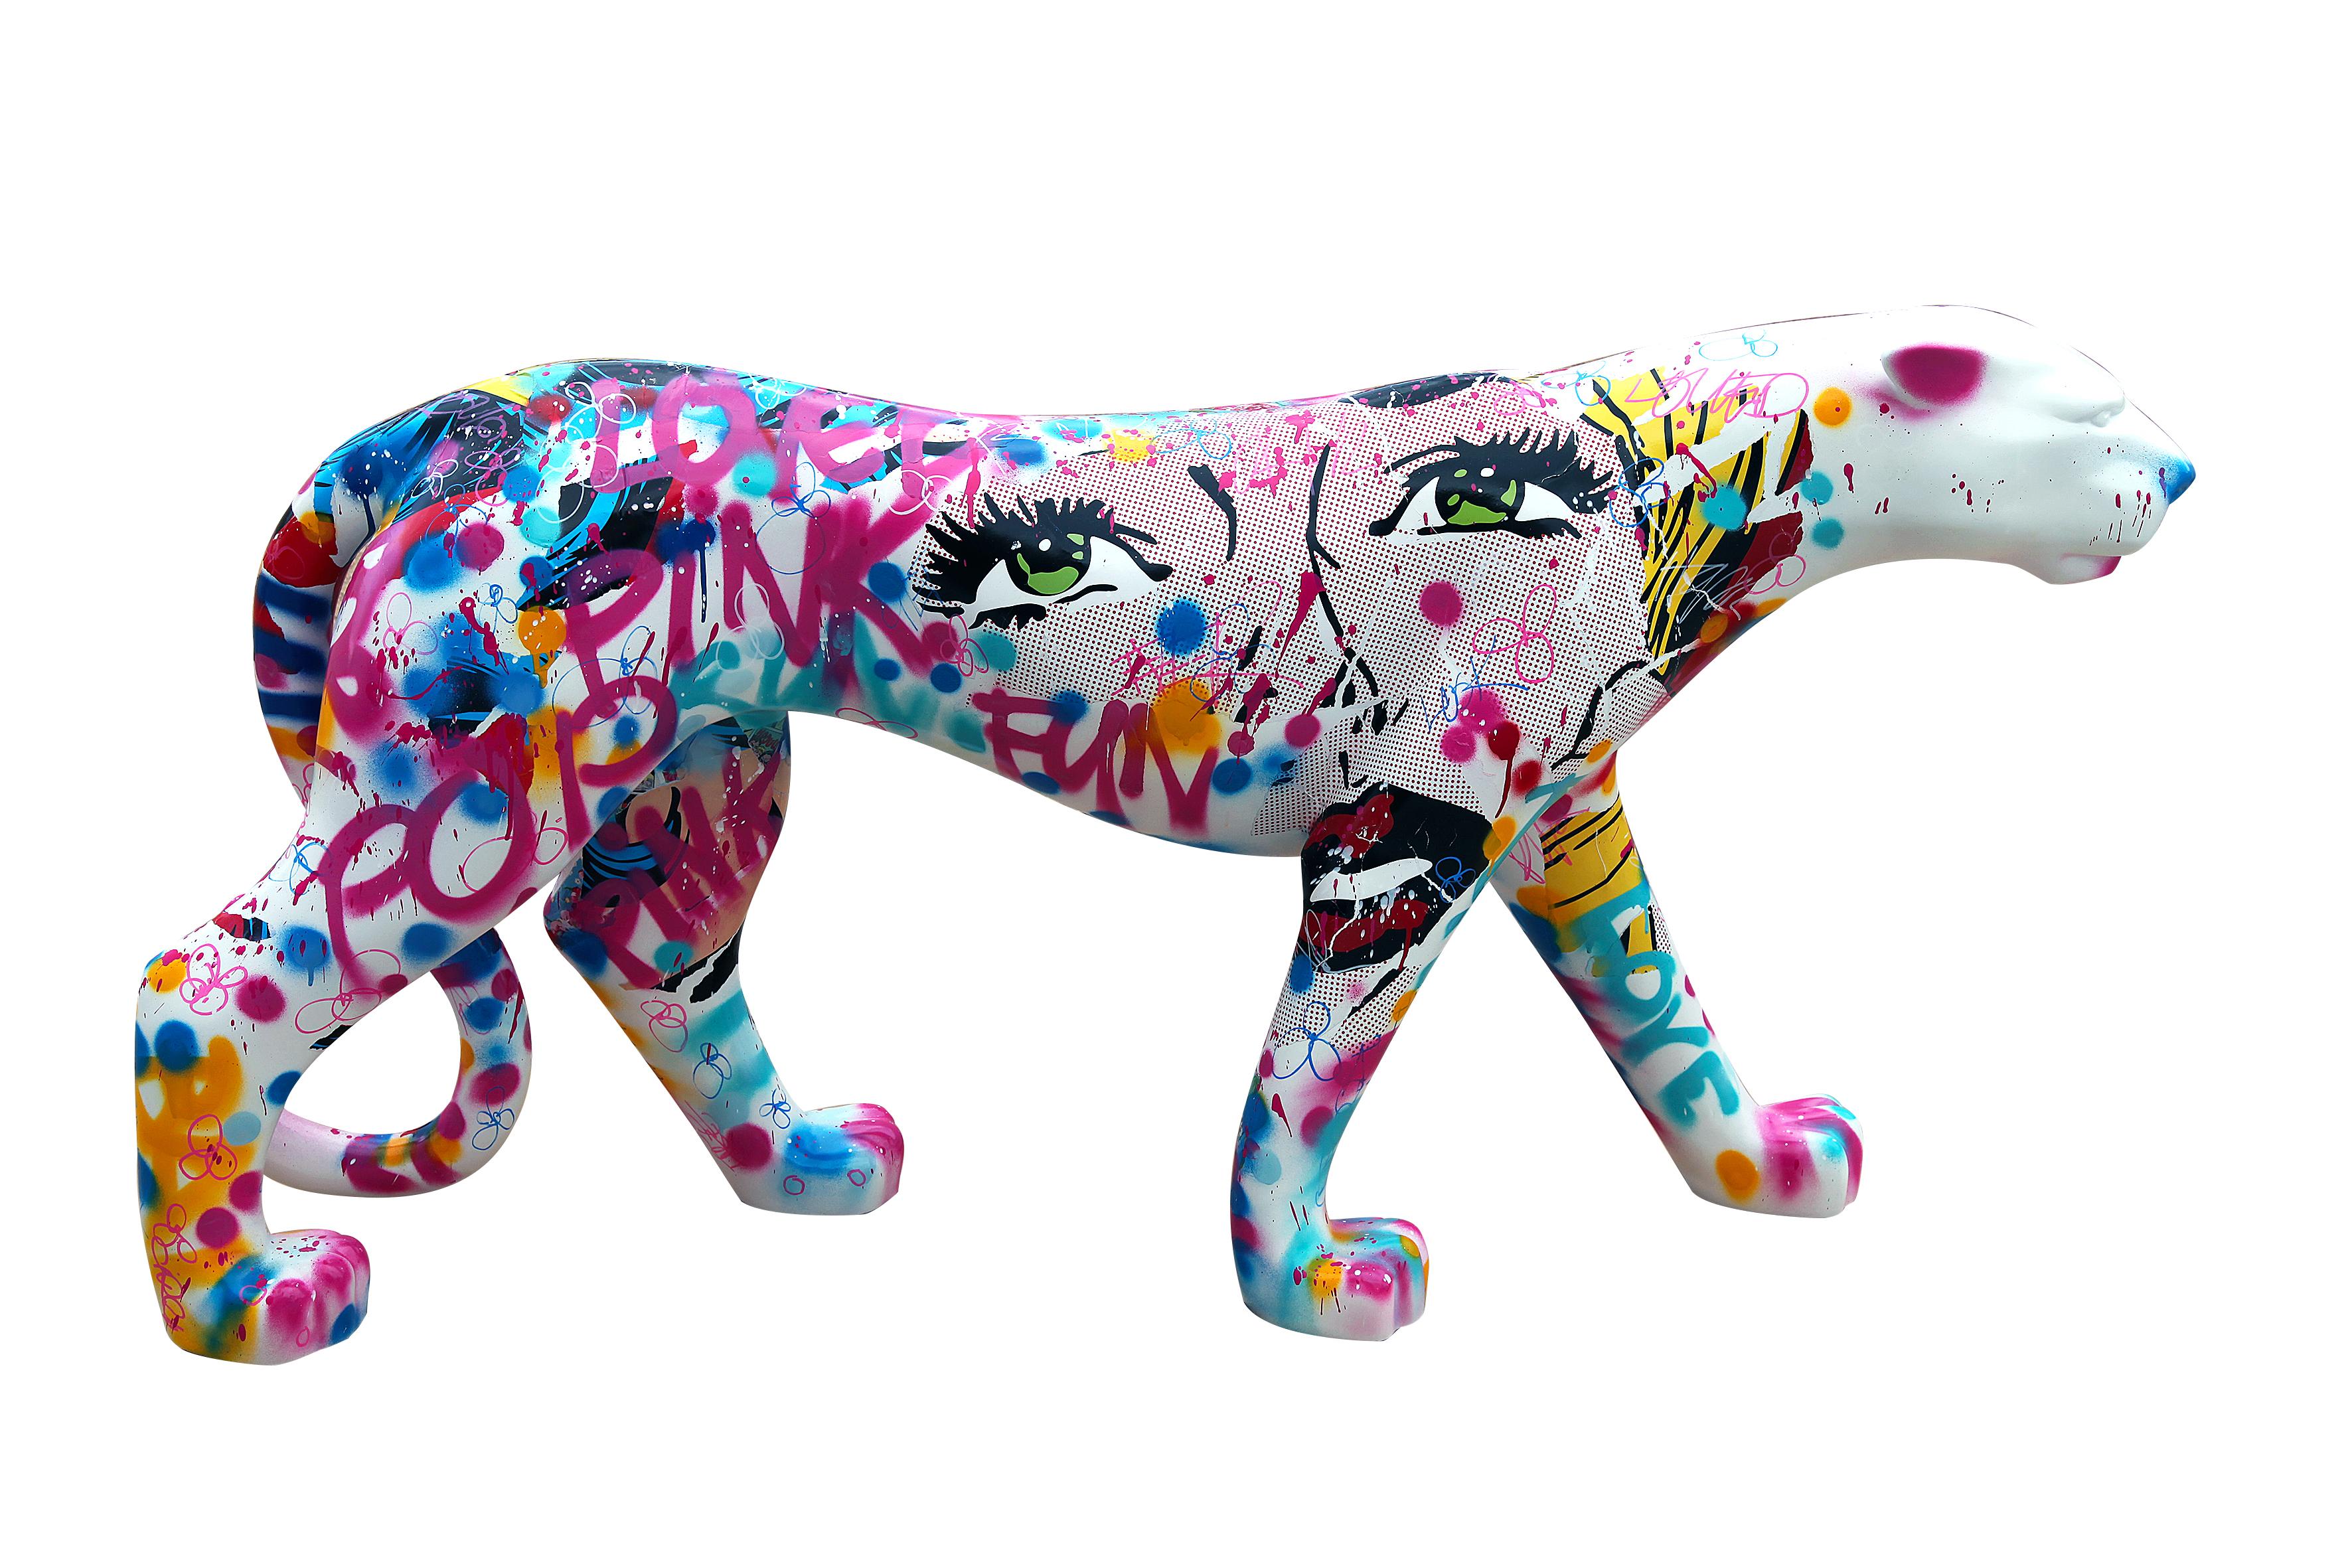 novarino-panthere-pop-art-technique-mixte-sculpture-résine